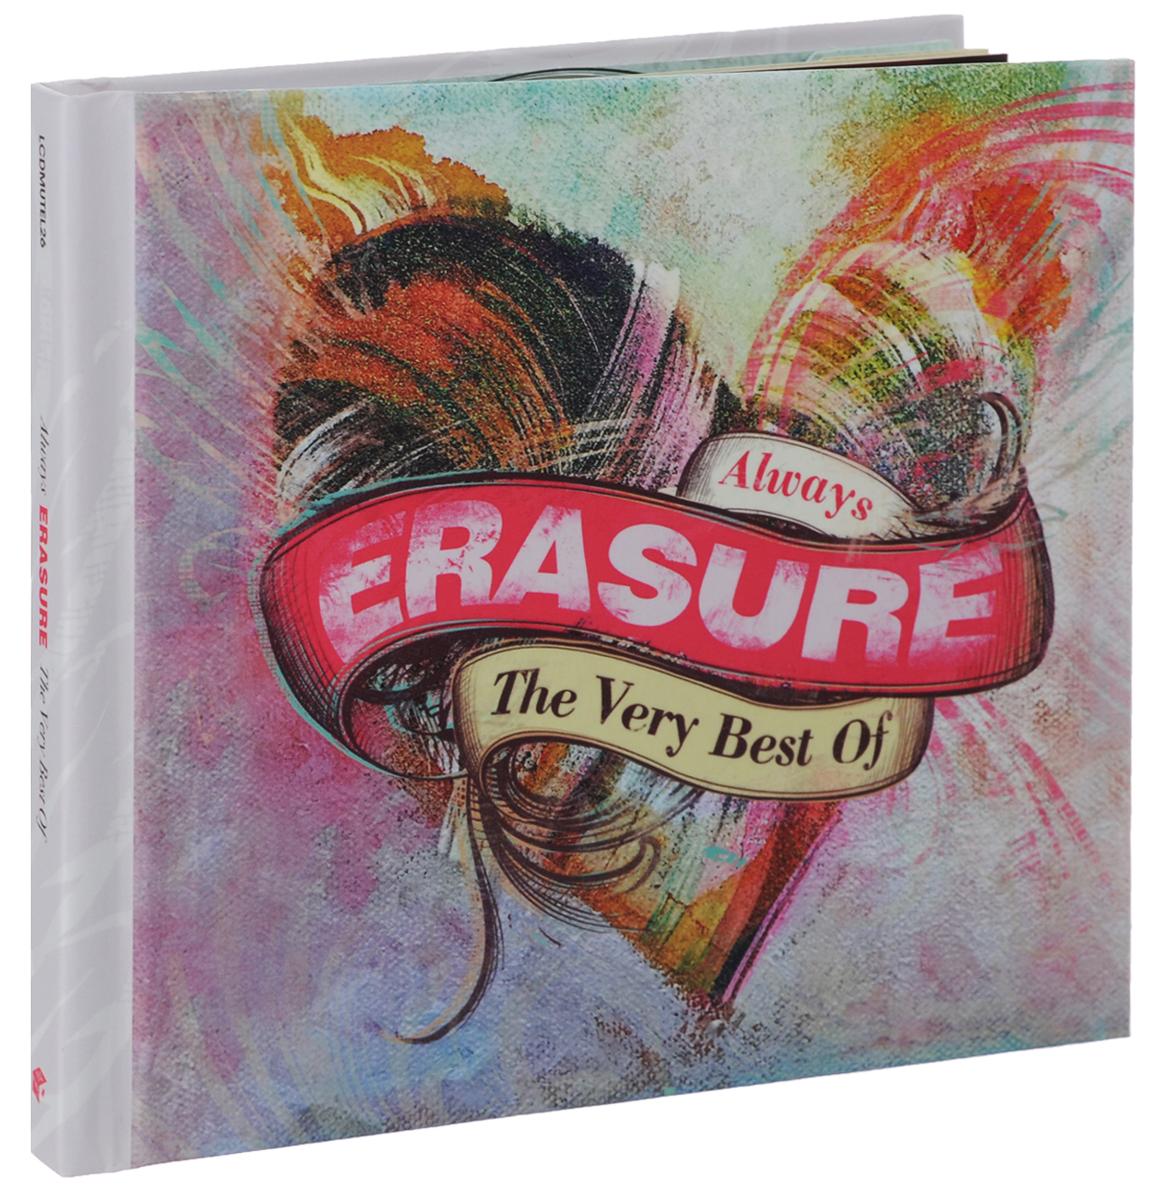 Erasure. Always. Very Best Of. Deluxe (3 CD) 2015 3 Audio CD